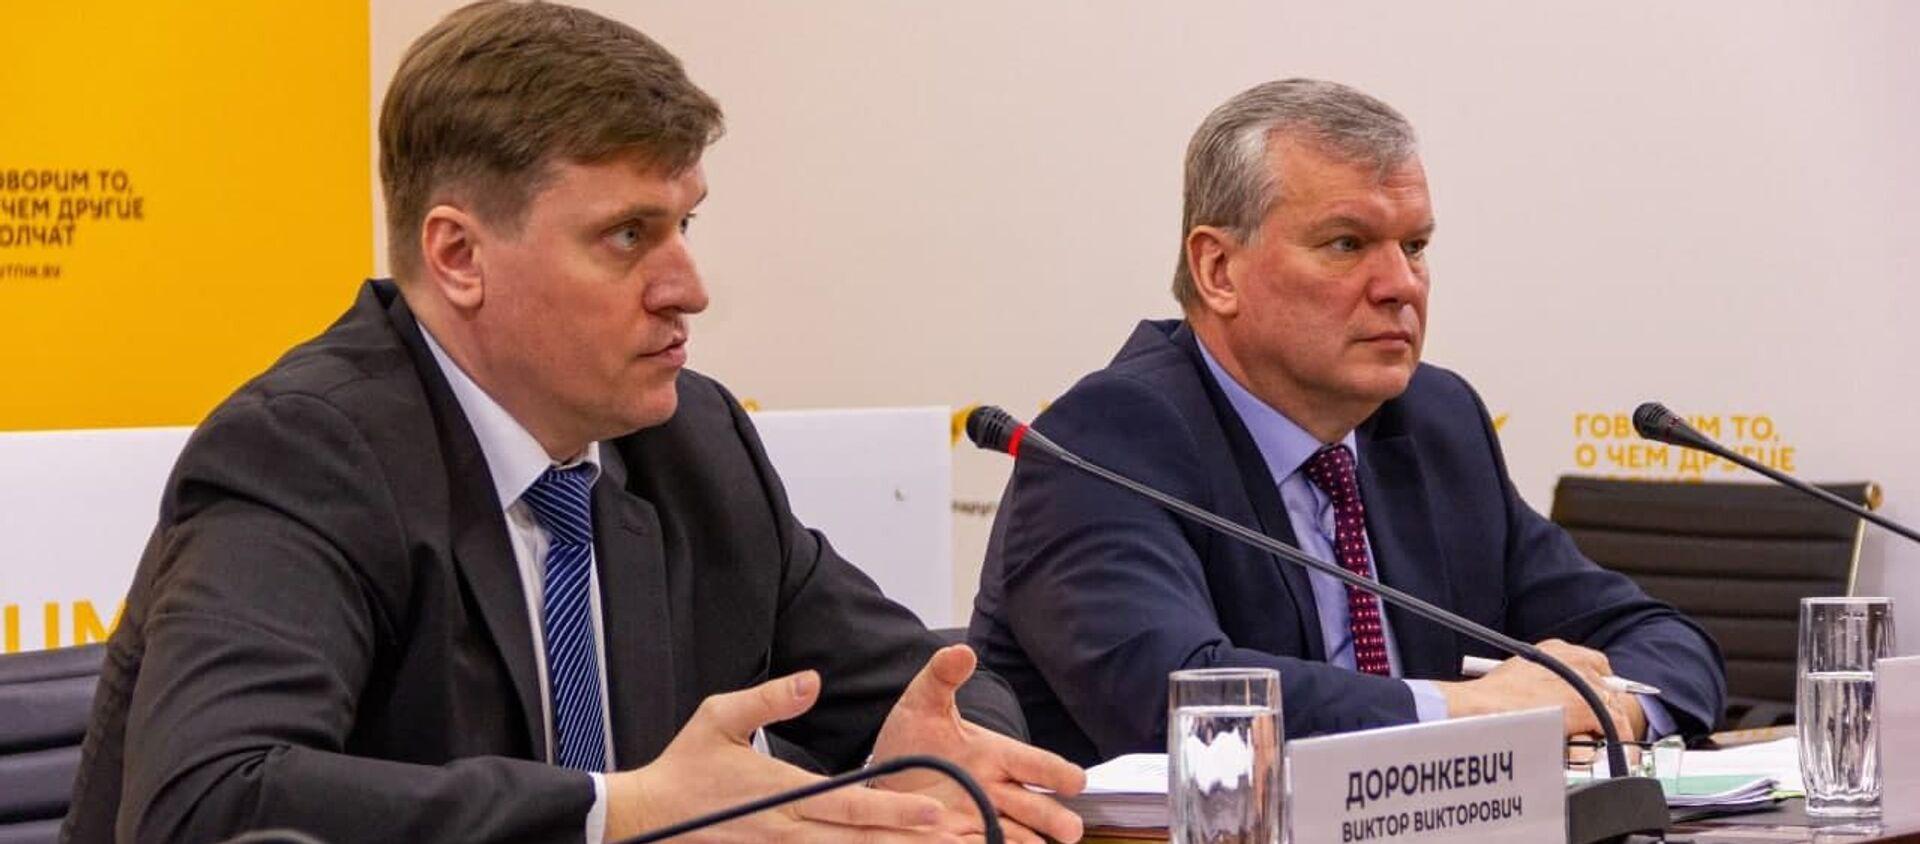 Итоги белорусско-российского экономического сотрудничества за 2020 год - Sputnik Беларусь, 1920, 07.04.2021